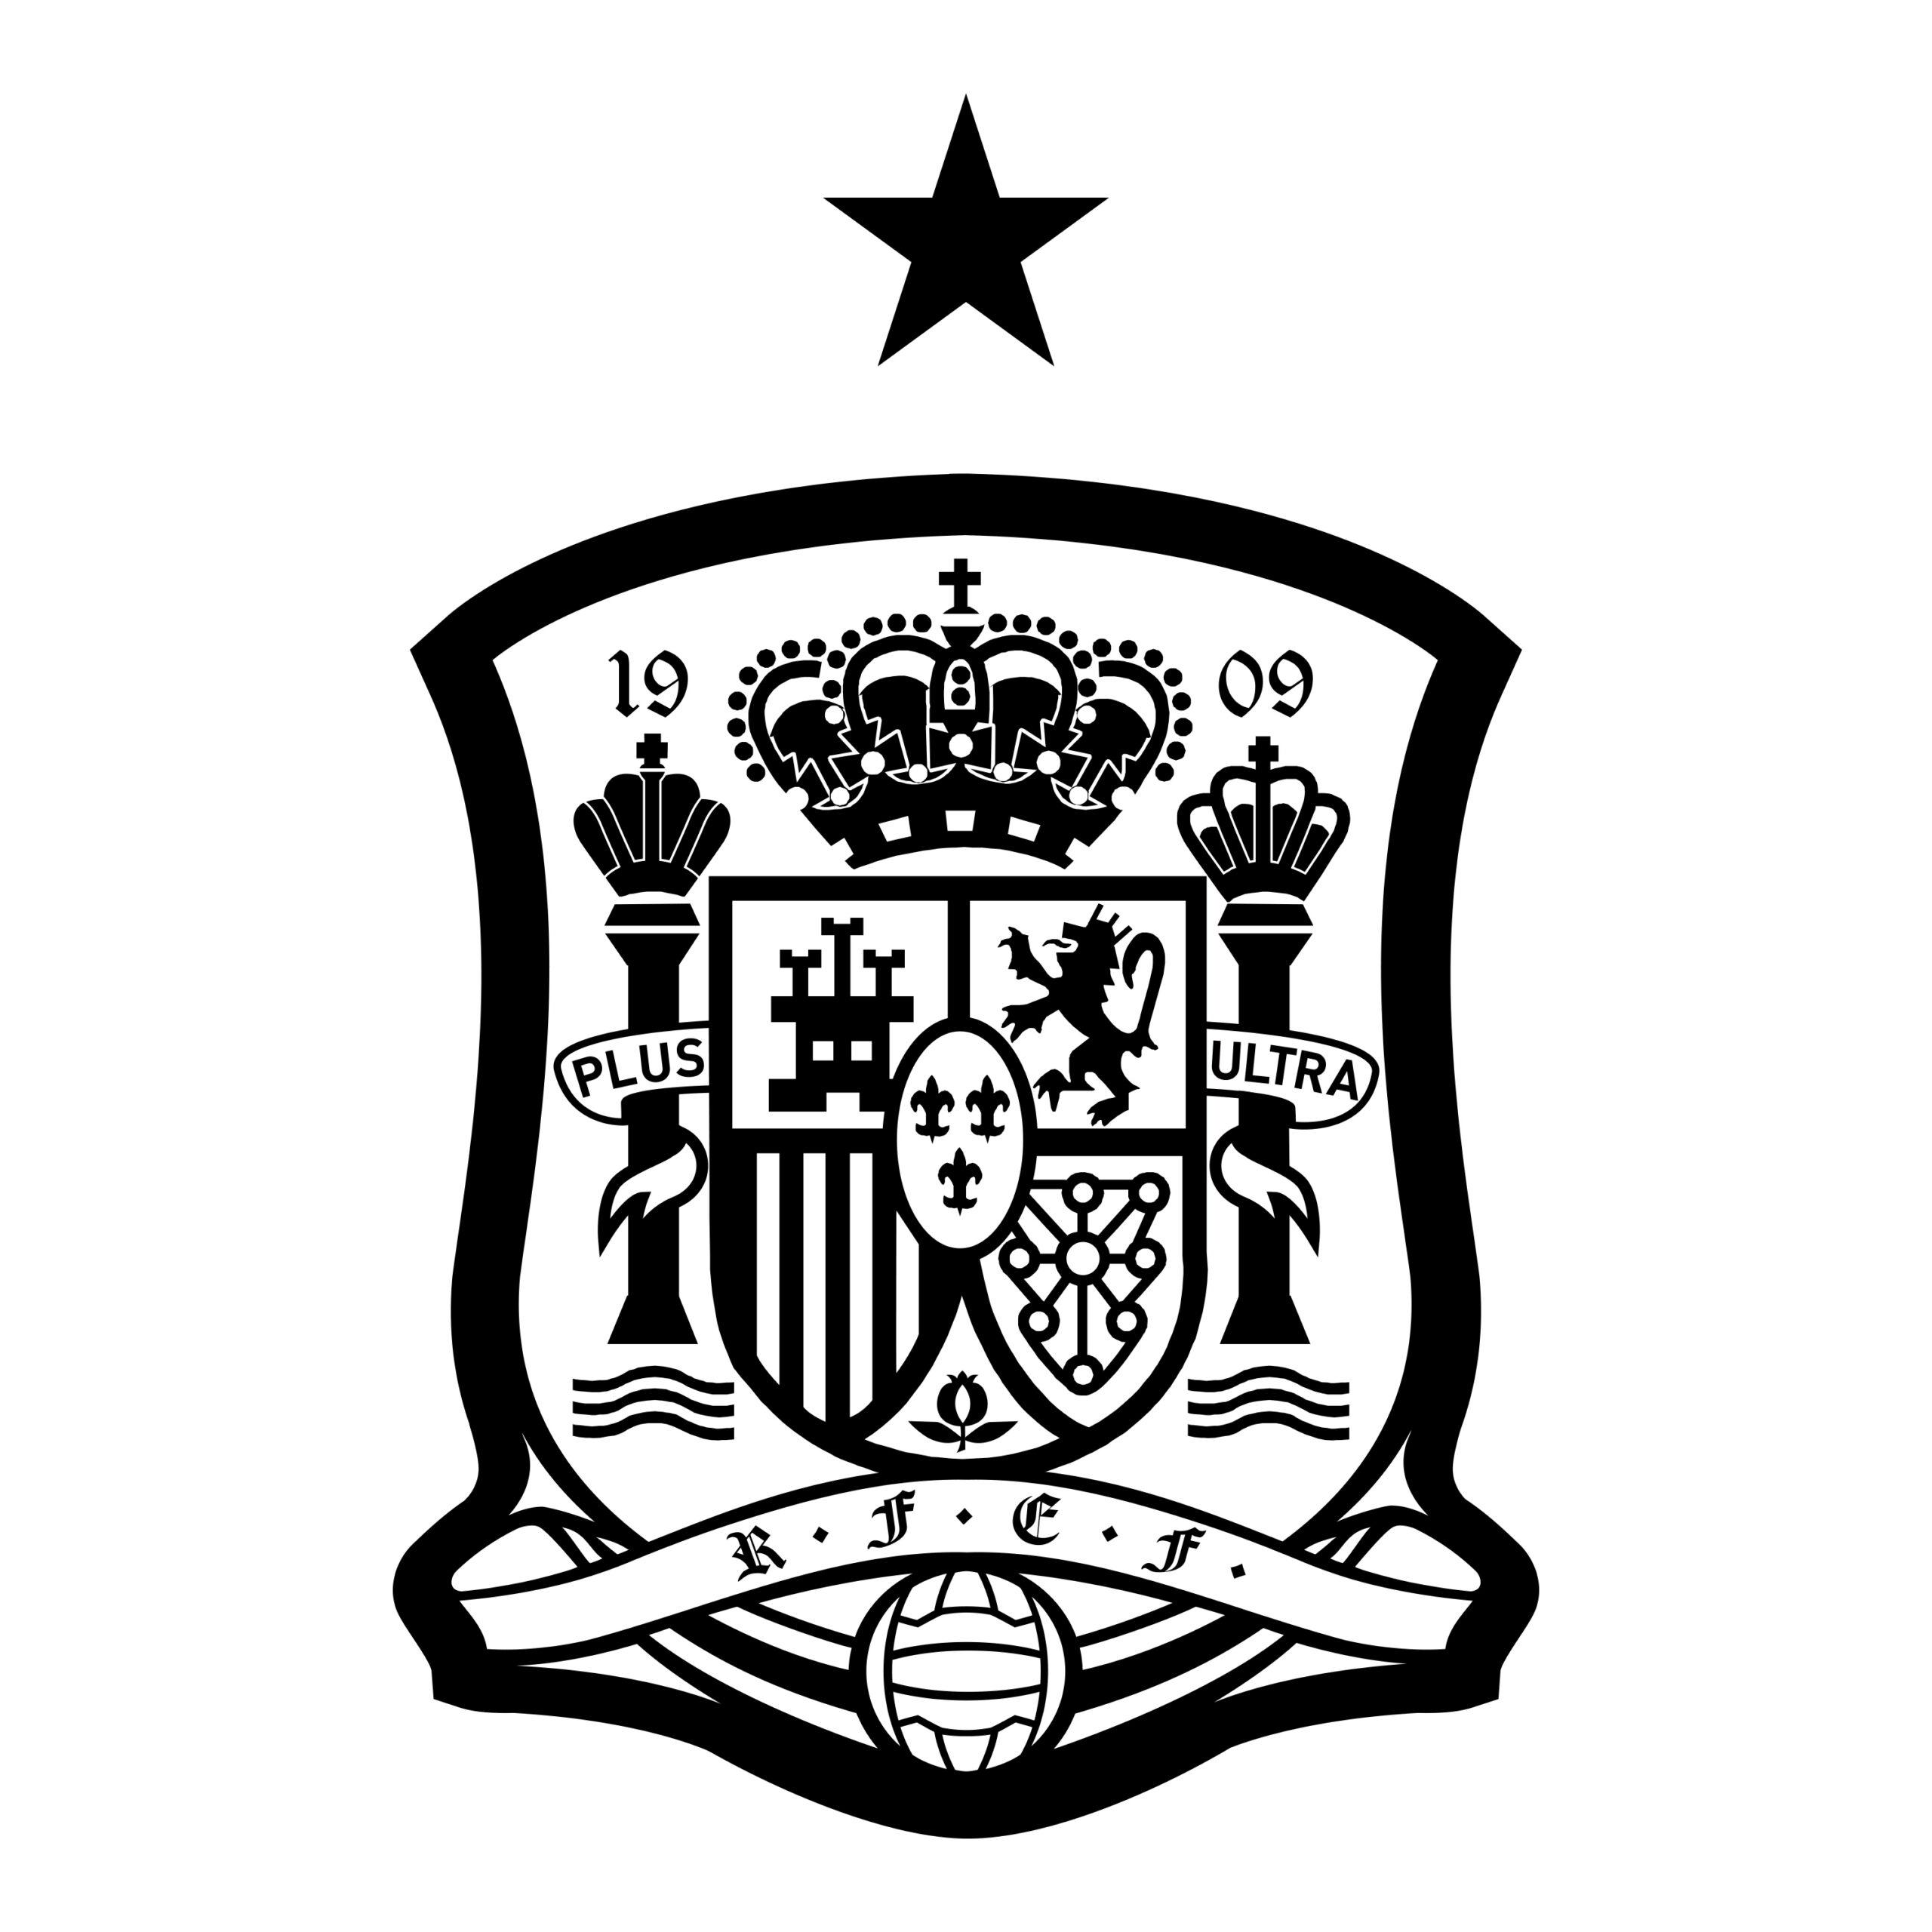 Escudo de la Selección española de futbol.